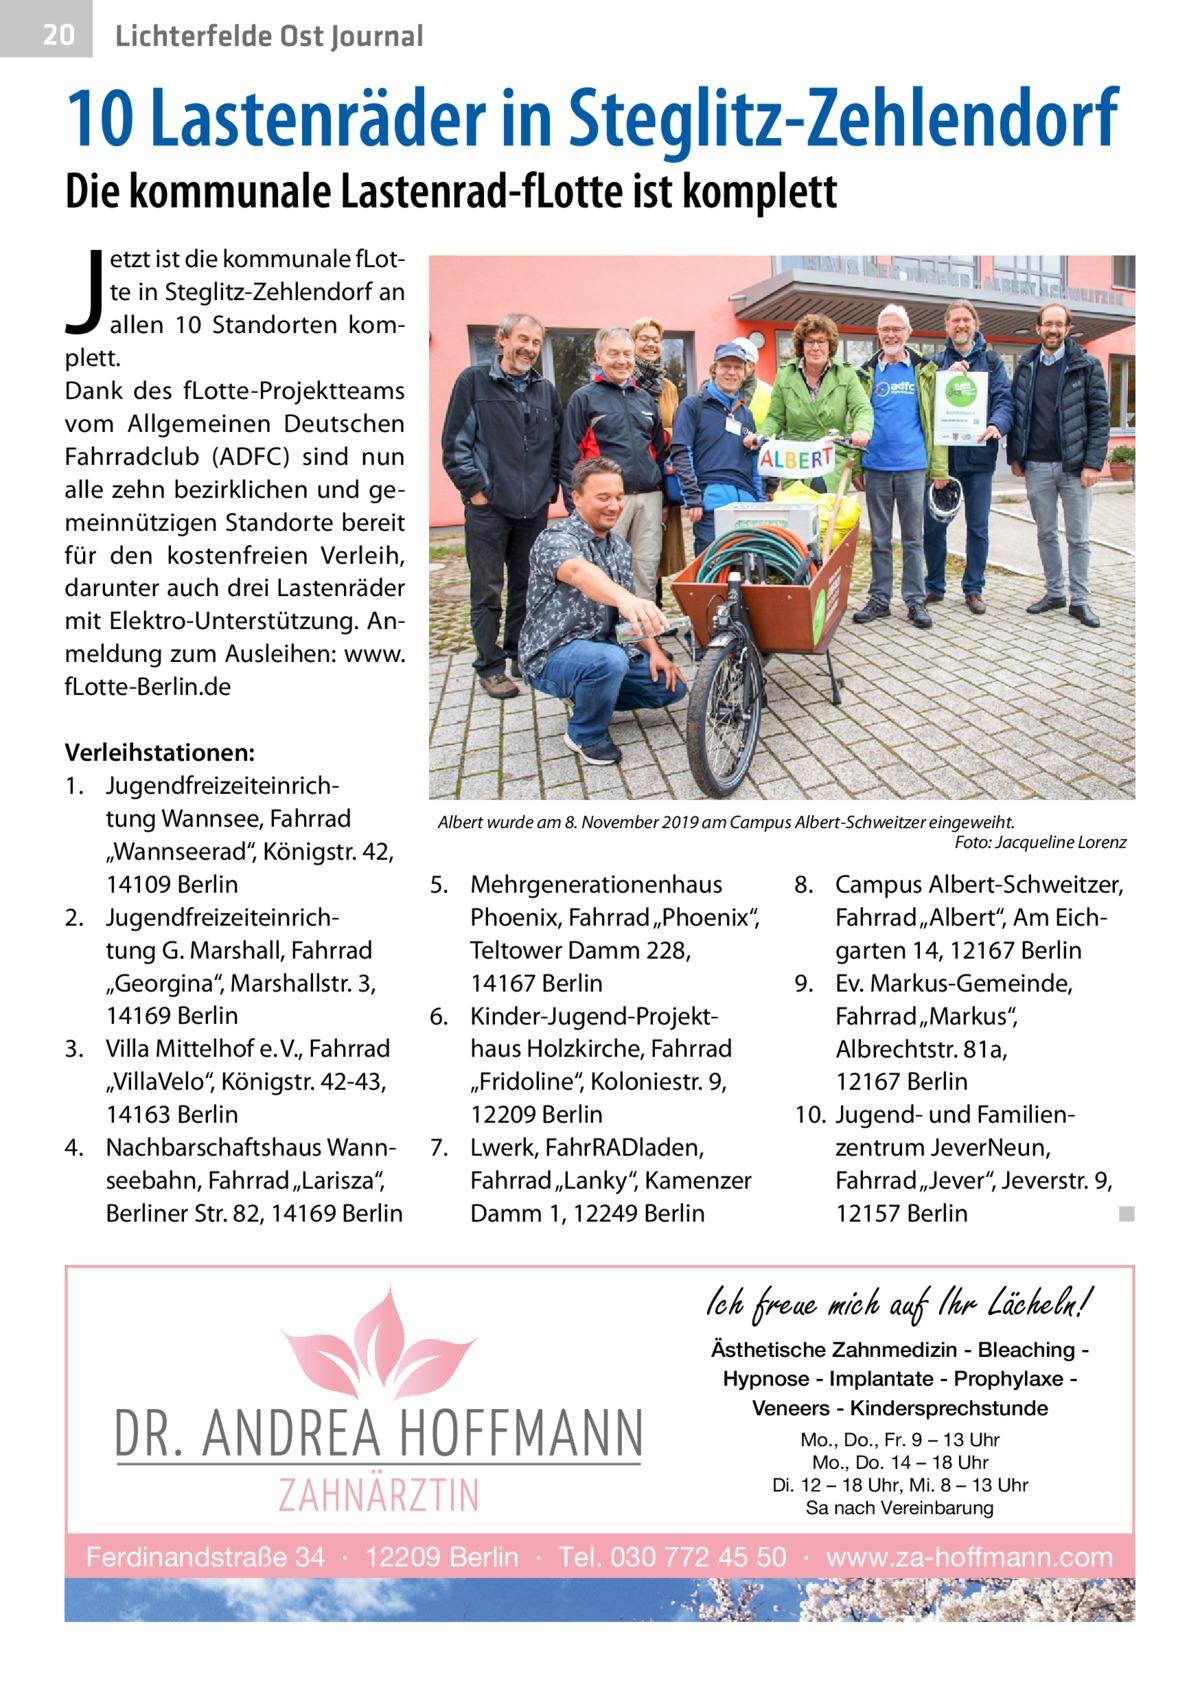 """20  Lichterfelde Ost Journal  10 Lastenräder in Steglitz-Zehlendorf Die kommunale Lastenrad-fLotte ist komplett  J  etzt ist die kommunale fLotte in Steglitz-Zehlendorf an allen 10 Standorten komplett. Dank des fLotte-Projektteams vom Allgemeinen Deutschen Fahrradclub (ADFC) sind nun alle zehn bezirklichen und gemeinnützigen Standorte bereit für den kostenfreien Verleih, darunter auch drei Lastenräder mit Elektro-Unterstützung. Anmeldung zum Ausleihen: www. fLotte-Berlin.de  Verleihstationen: 1. Jugendfreizeiteinrichtung Wannsee, Fahrrad """"Wannseerad"""", Königstr.42, 14109Berlin 2. Jugendfreizeiteinrichtung G. Marshall, Fahrrad """"Georgina"""", Marshallstr.3, 14169Berlin 3. Villa Mittelhof e.V., Fahrrad """"VillaVelo"""", Königstr.42-43, 14163Berlin 4. Nachbarschaftshaus Wannseebahn, Fahrrad """"Larisza"""", Berliner Str.82, 14169Berlin  Albert wurde am 8. November 2019 am Campus Albert-Schweitzer eingeweiht. � Foto: Jacqueline Lorenz  5. Mehrgenerationenhaus Phoenix, Fahrrad """"Phoenix"""", Teltower Damm228, 14167Berlin 6. Kinder-Jugend-Projekthaus Holzkirche, Fahrrad """"Fridoline"""", Koloniestr.9, 12209Berlin 7. Lwerk, FahrRADladen, Fahrrad """"Lanky"""", Kamenzer Damm1, 12249Berlin  8. Campus Albert-Schweitzer, Fahrrad """"Albert"""", Am Eichgarten 14, 12167Berlin 9. Ev. Markus-Gemeinde, Fahrrad """"Markus"""", Albrechtstr.81a, 12167Berlin 10. Jugend- und Familien zentrum JeverNeun, Fahrrad """"Jever"""", Jeverstr.9, 12157Berlin � ◾  Ich freue mich auf Ihr Lächeln! Ästhetische Zahnmedizin - Bleaching Hypnose - Implantate - Prophylaxe Veneers - Kindersprechstunde Mo., Do., Fr. 9 – 13 Uhr Mo., Do. 14 – 18 Uhr Di. 12 – 18 Uhr, Mi. 8 – 13 Uhr Sa nach Vereinbarung  Ferdinandstraße 34 · 12209 Berlin · Tel. 030 772 45 50 · www.za-hoffmann.com"""